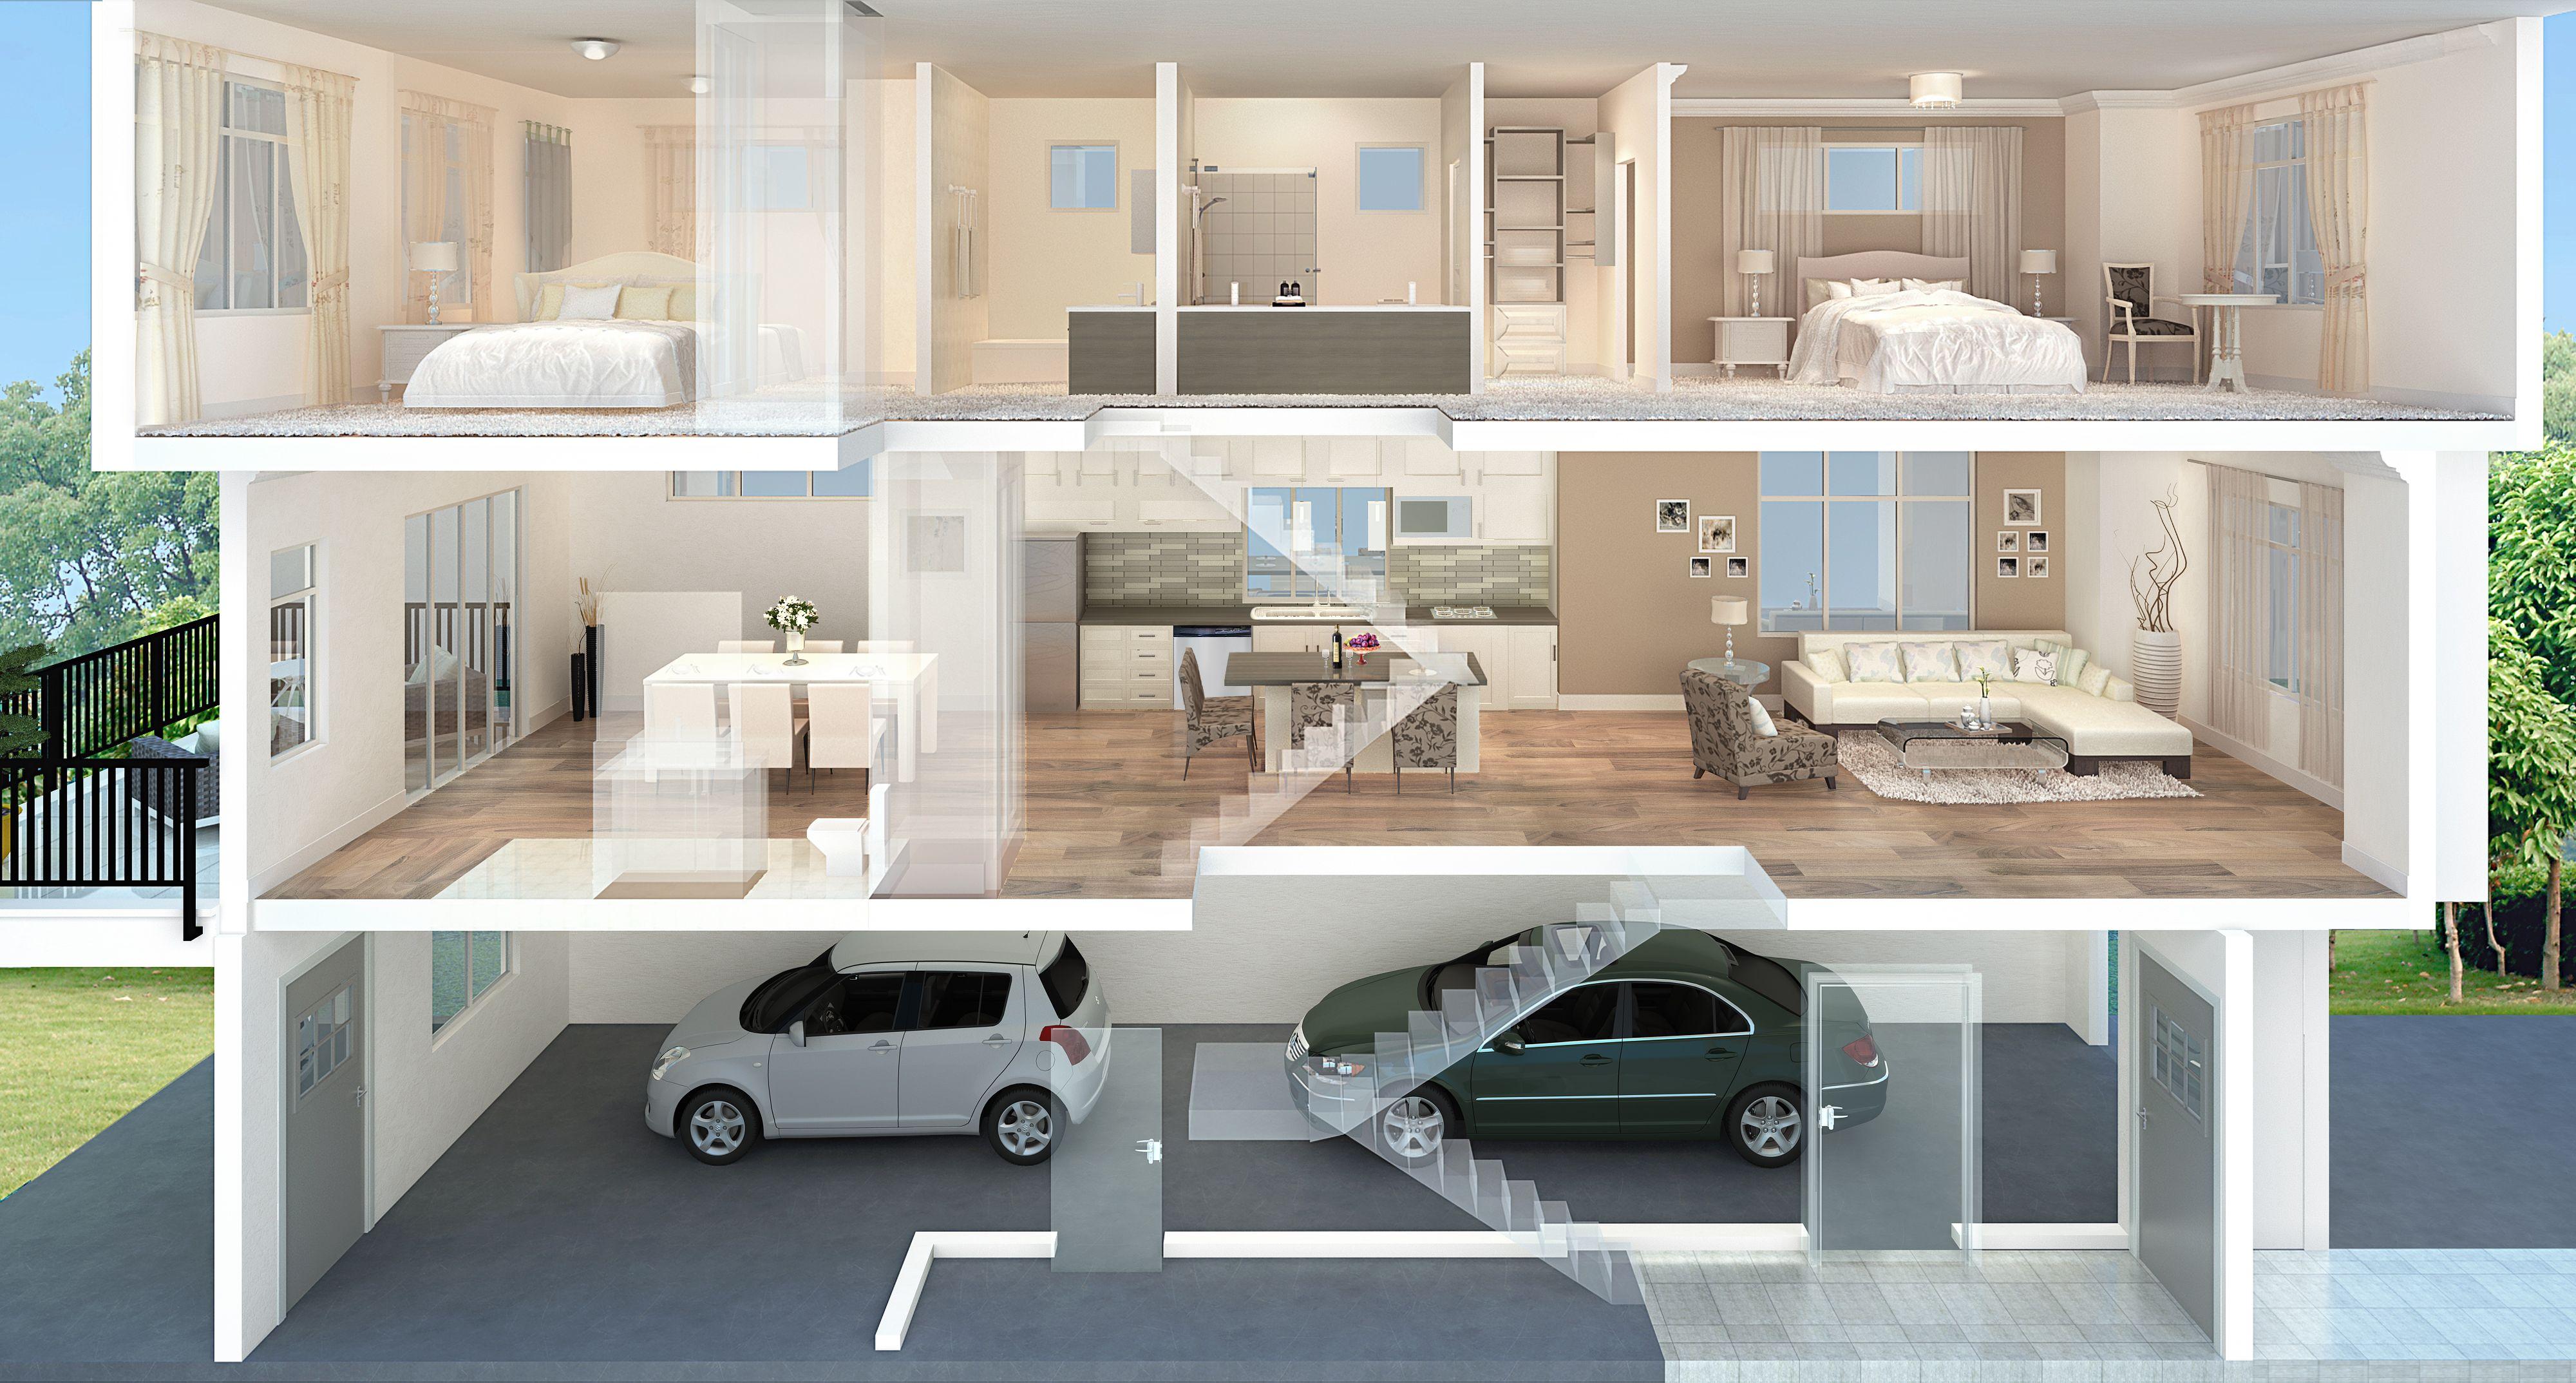 The amazing 3d floor plan apartments condos Amazing 3d floor design